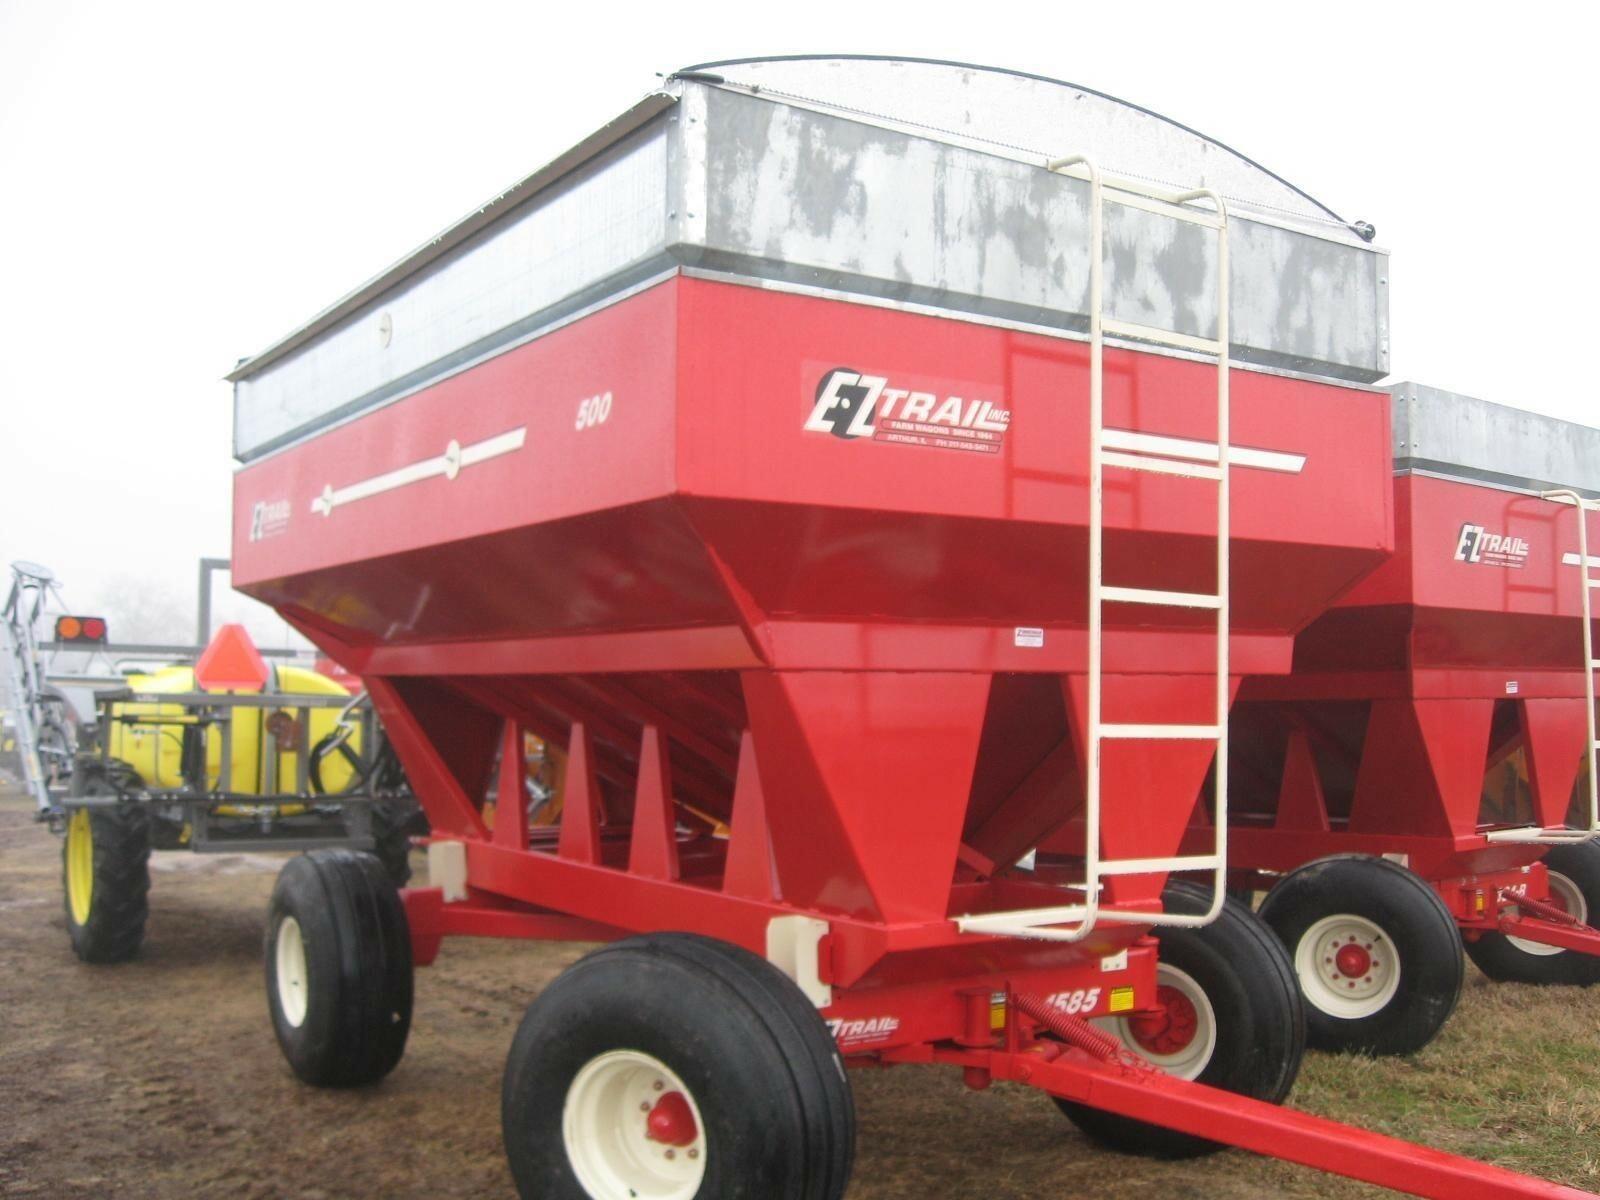 2020 E-Z Trail 500 Gravity Wagon